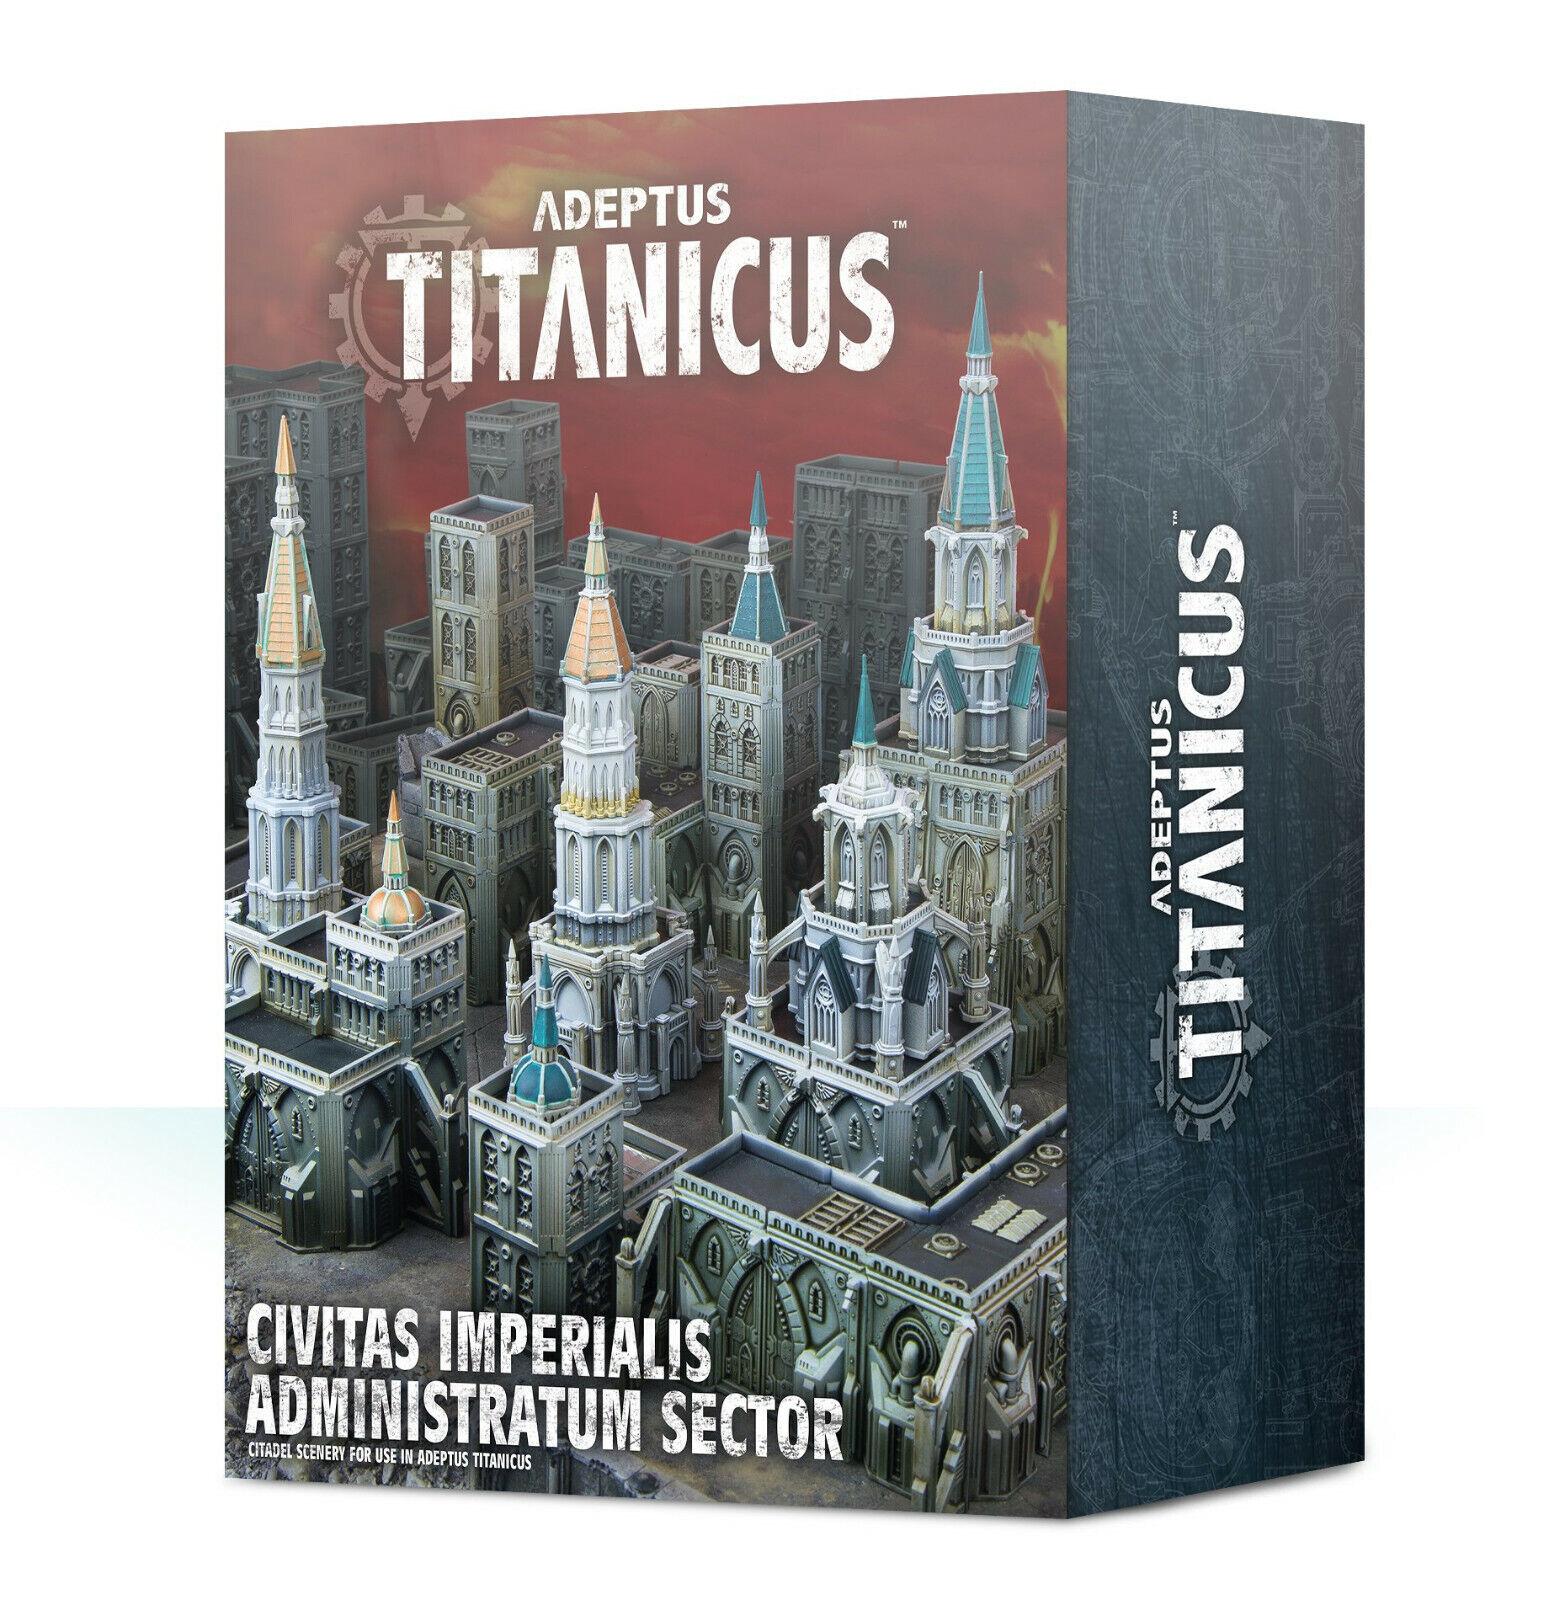 Civitas Imperialis Administratum Sector- Adeptus Titanicus -400-28-Warhammer 40k